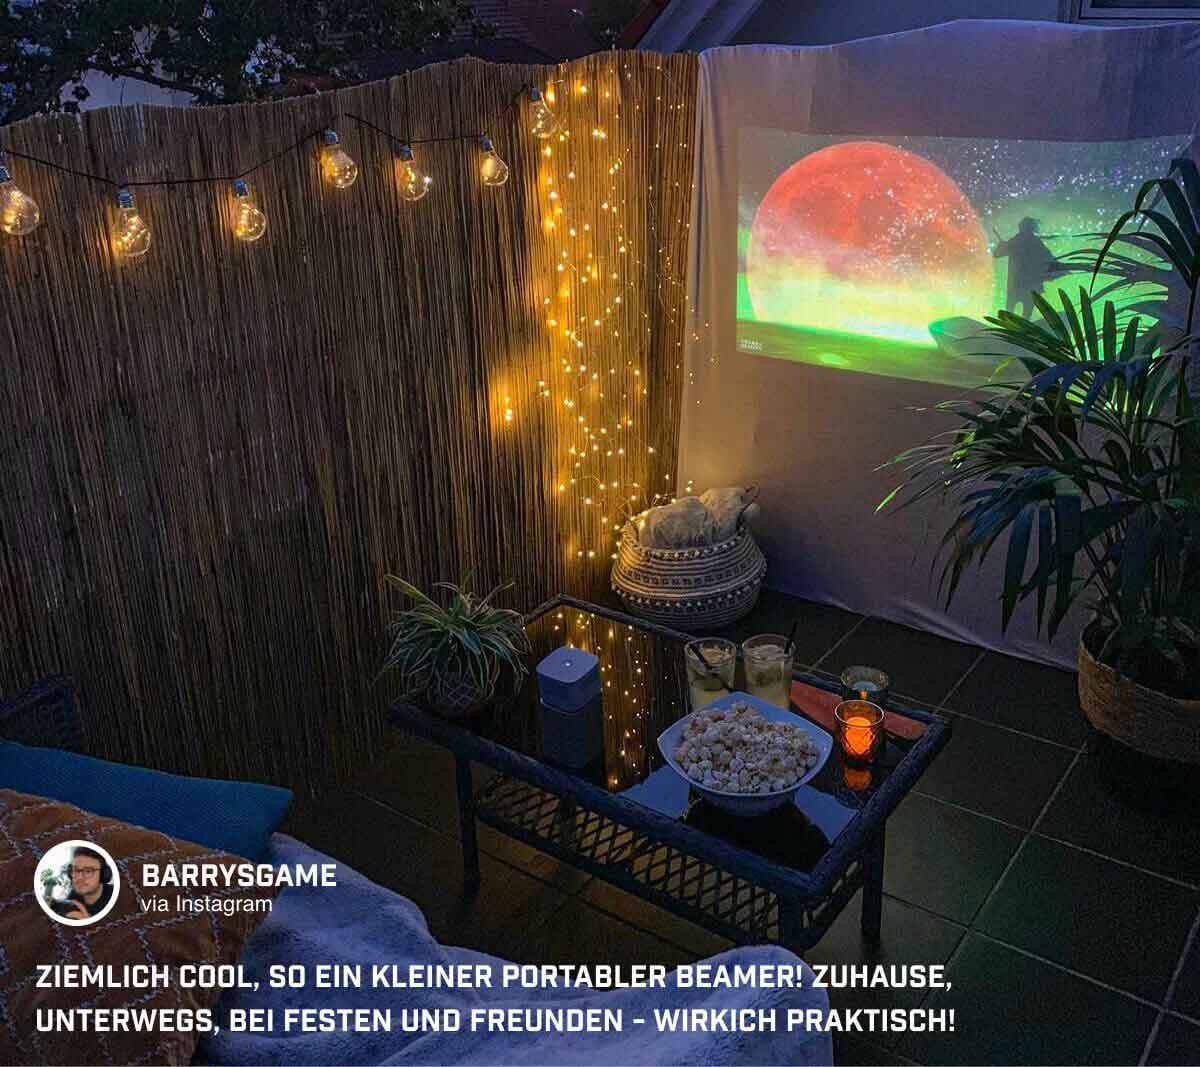 @barrysgame nutzt den Mini Beamer GV1 für einen Filmeabend auf dem Balkon